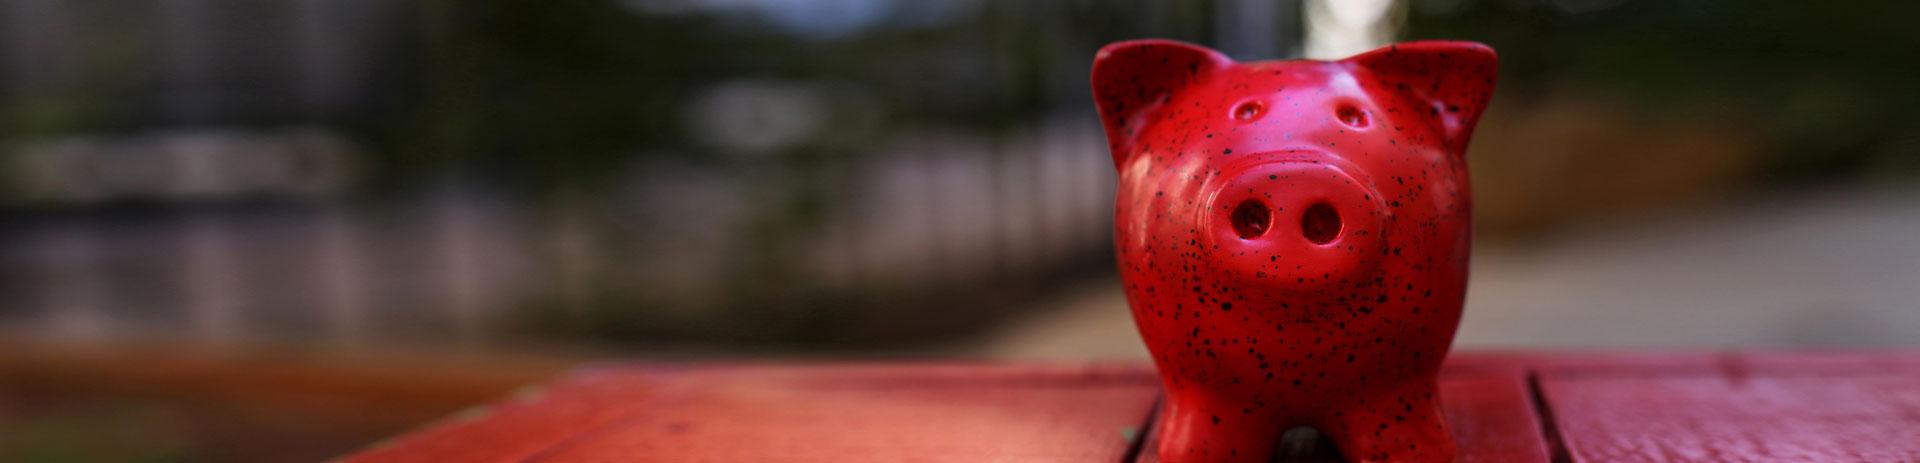 grünes Sparschweinchen; davor liegen einige Münzen